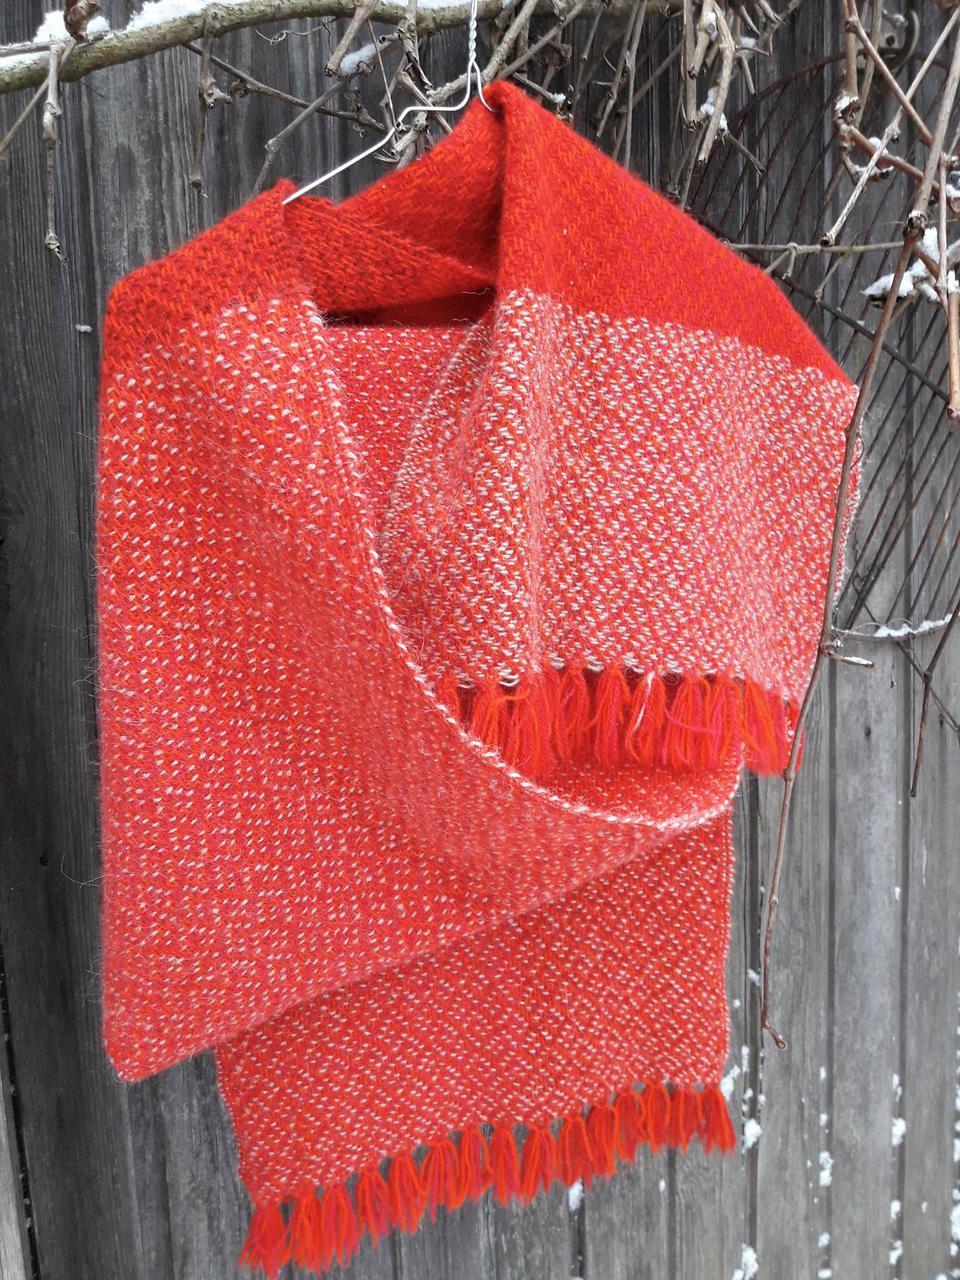 c348f9a2912 Unikaalsed tekstiilid — Käsitöökursused, kangakudumine, lõngade ...